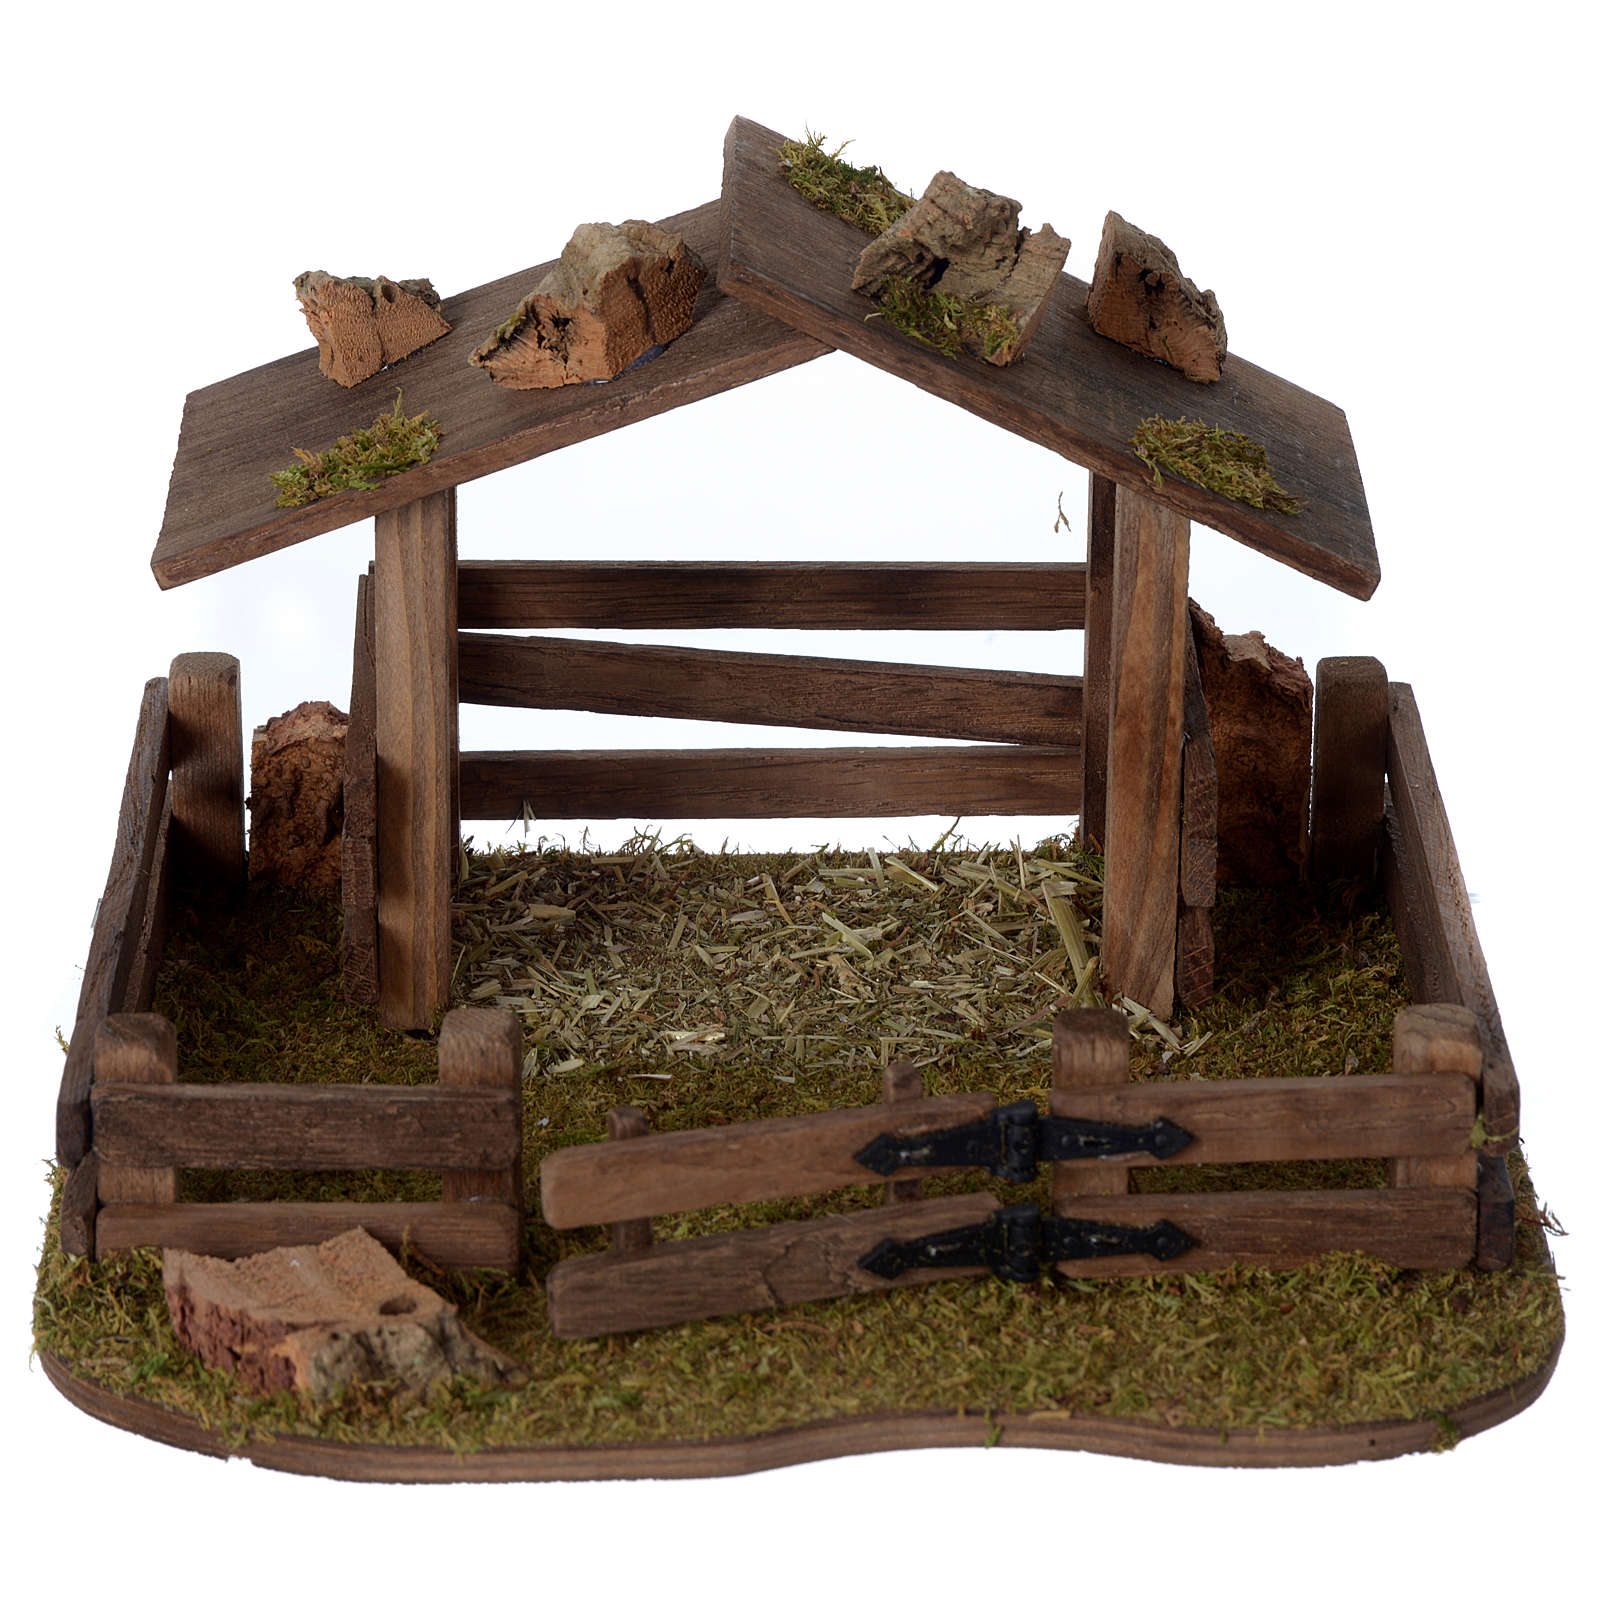 Luci Per Tettoia In Legno recinto con tettoia in legno 15x20x20 cm per presepe 10-12 cm